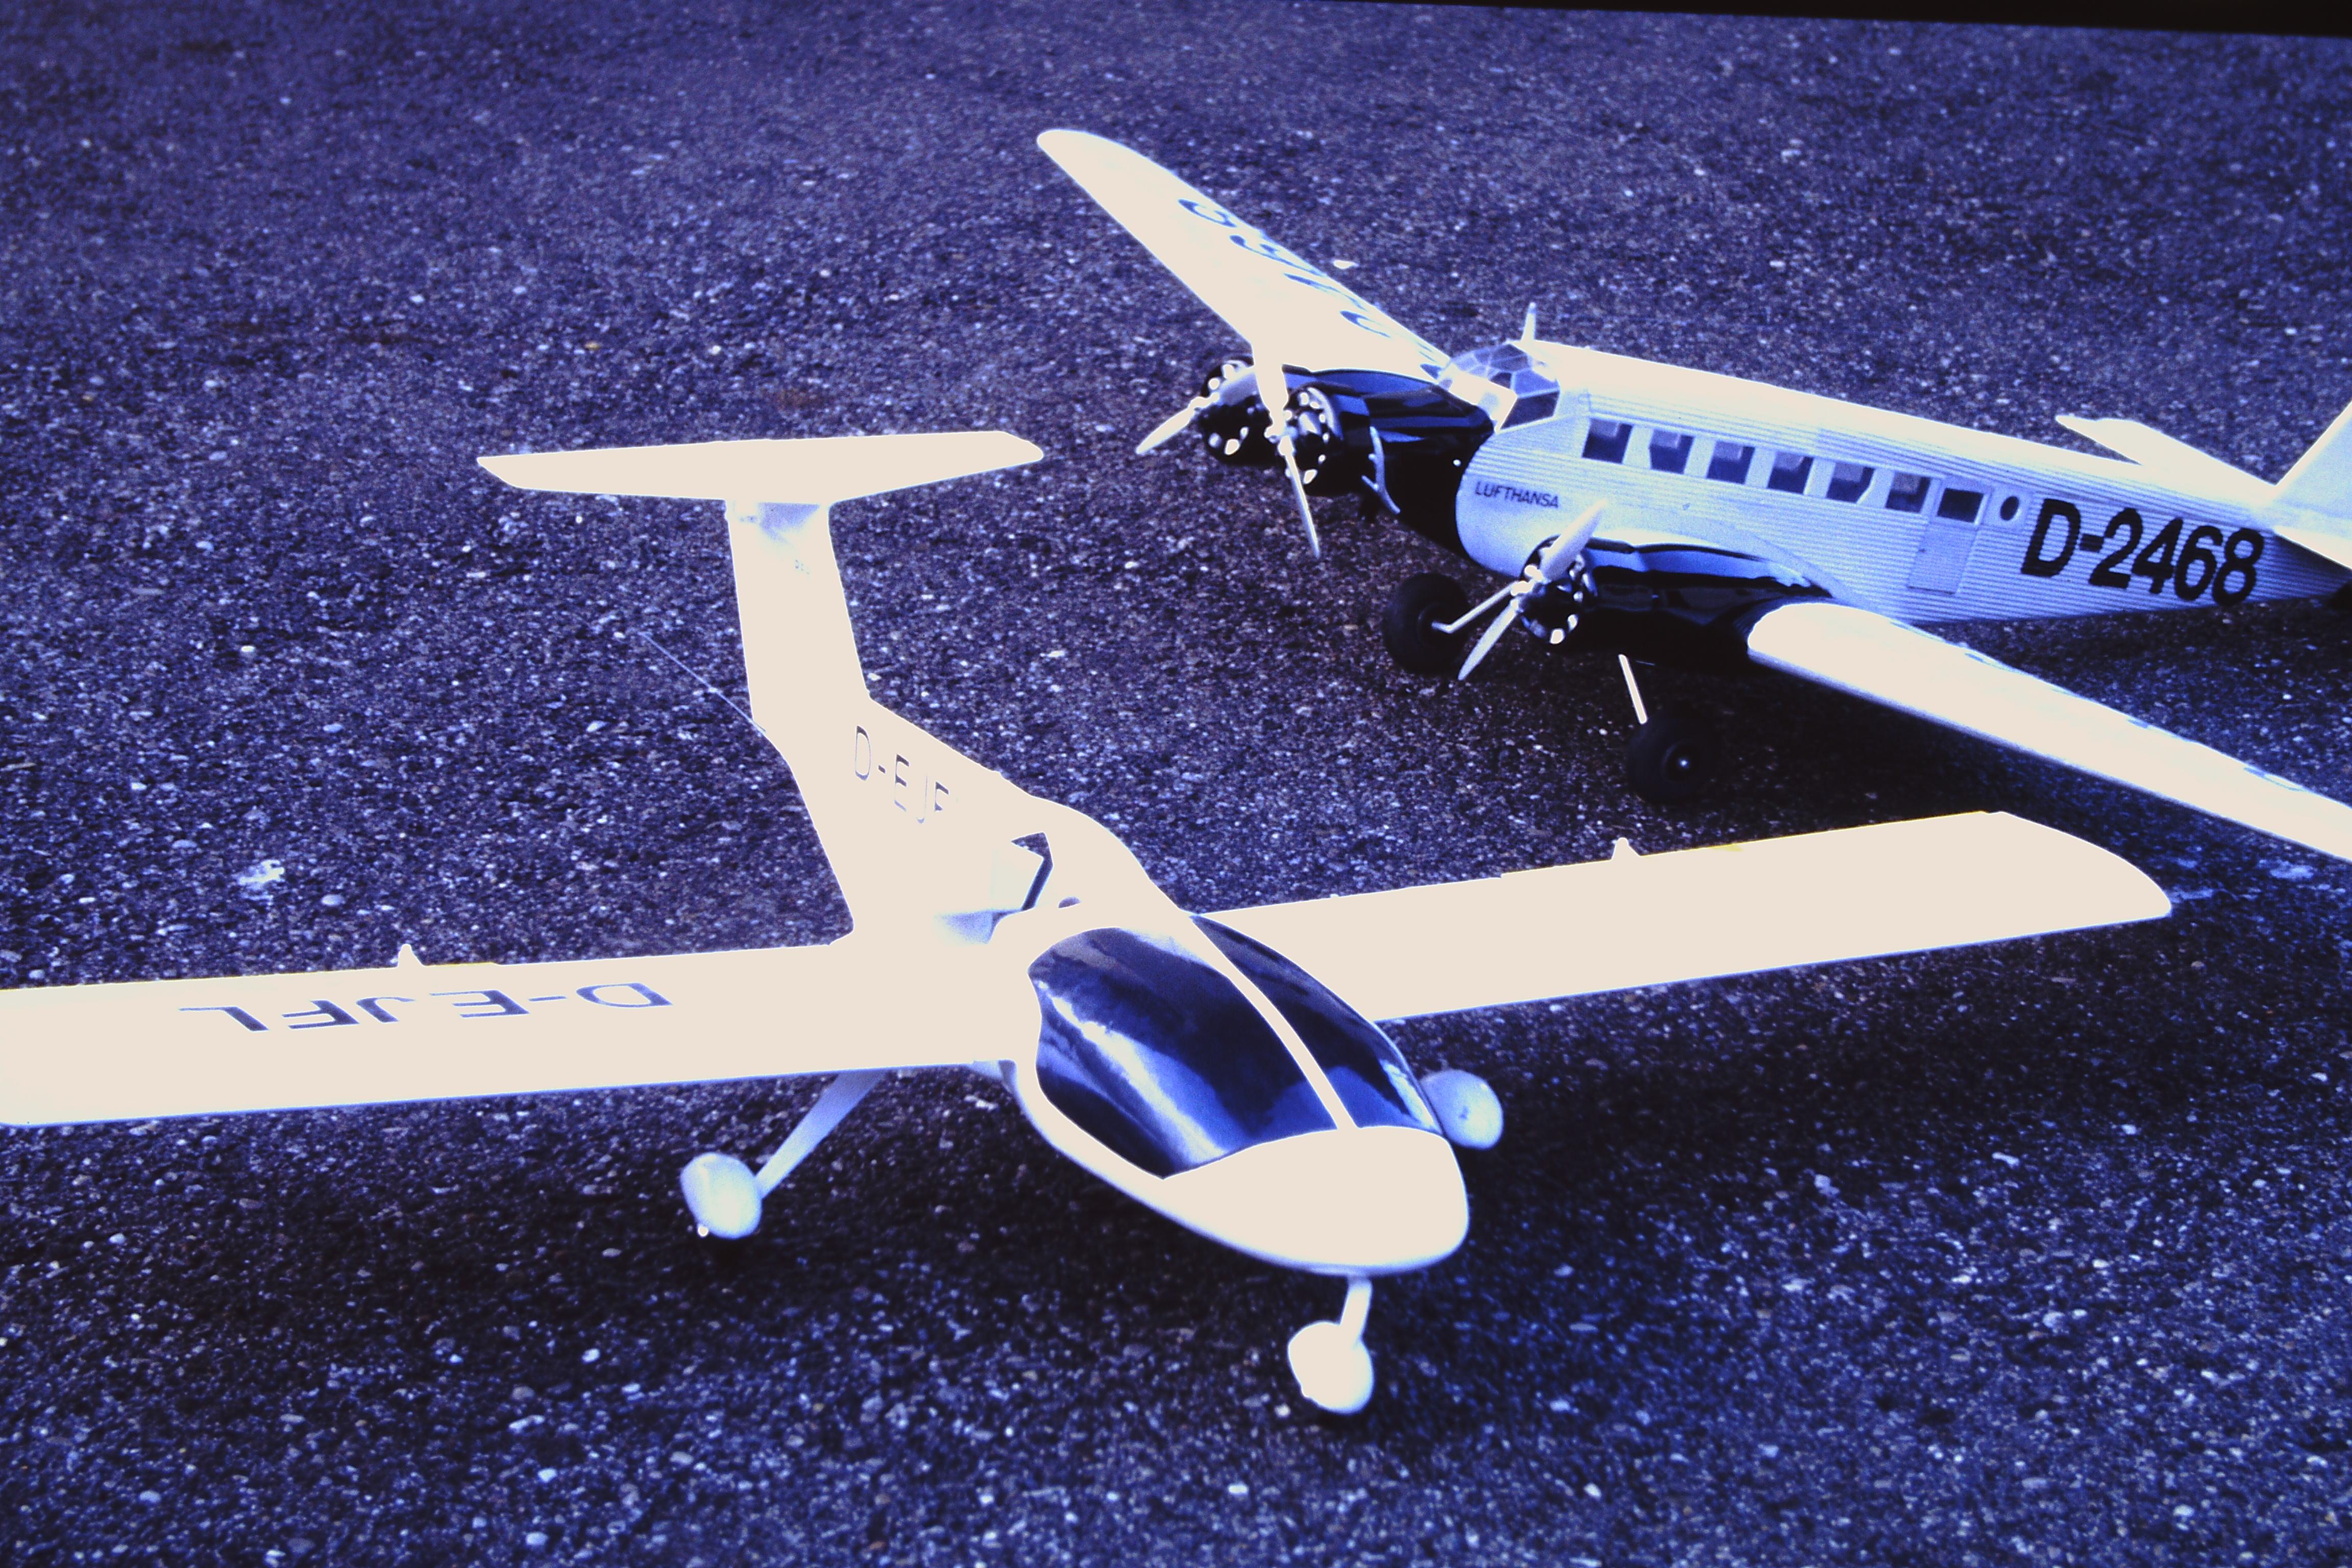 Colani Fanliner RC-Modell.jpg